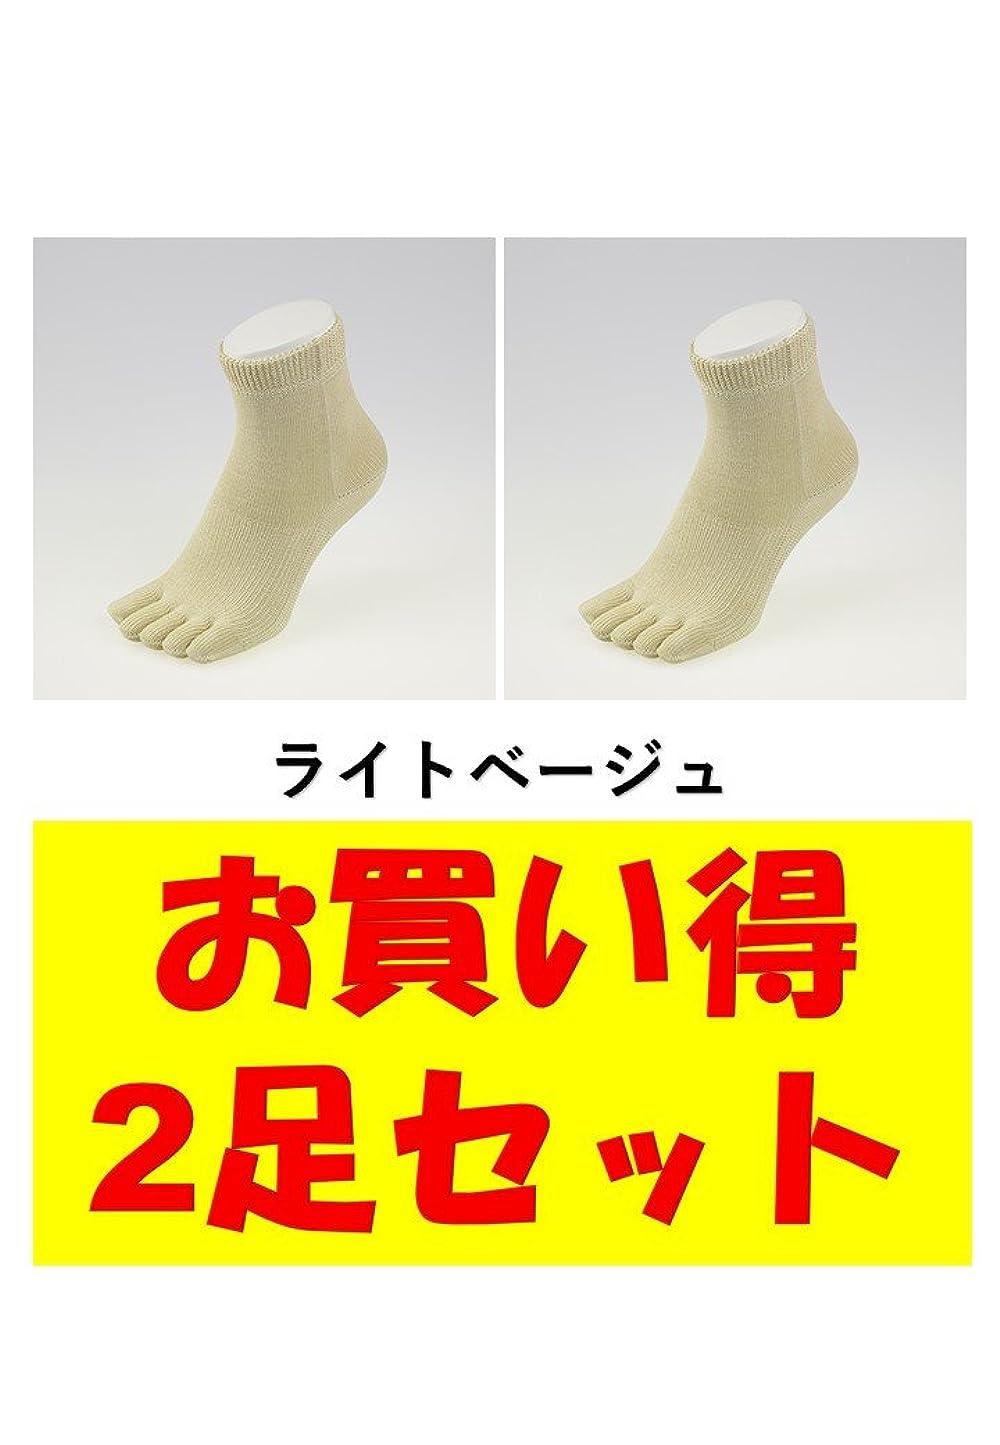 皮肉な突然顕微鏡お買い得2足セット 5本指 ゆびのばソックス Neo EVE(イヴ) ライトベージュ iサイズ(23.5cm - 25.5cm) YSNEVE-BGE